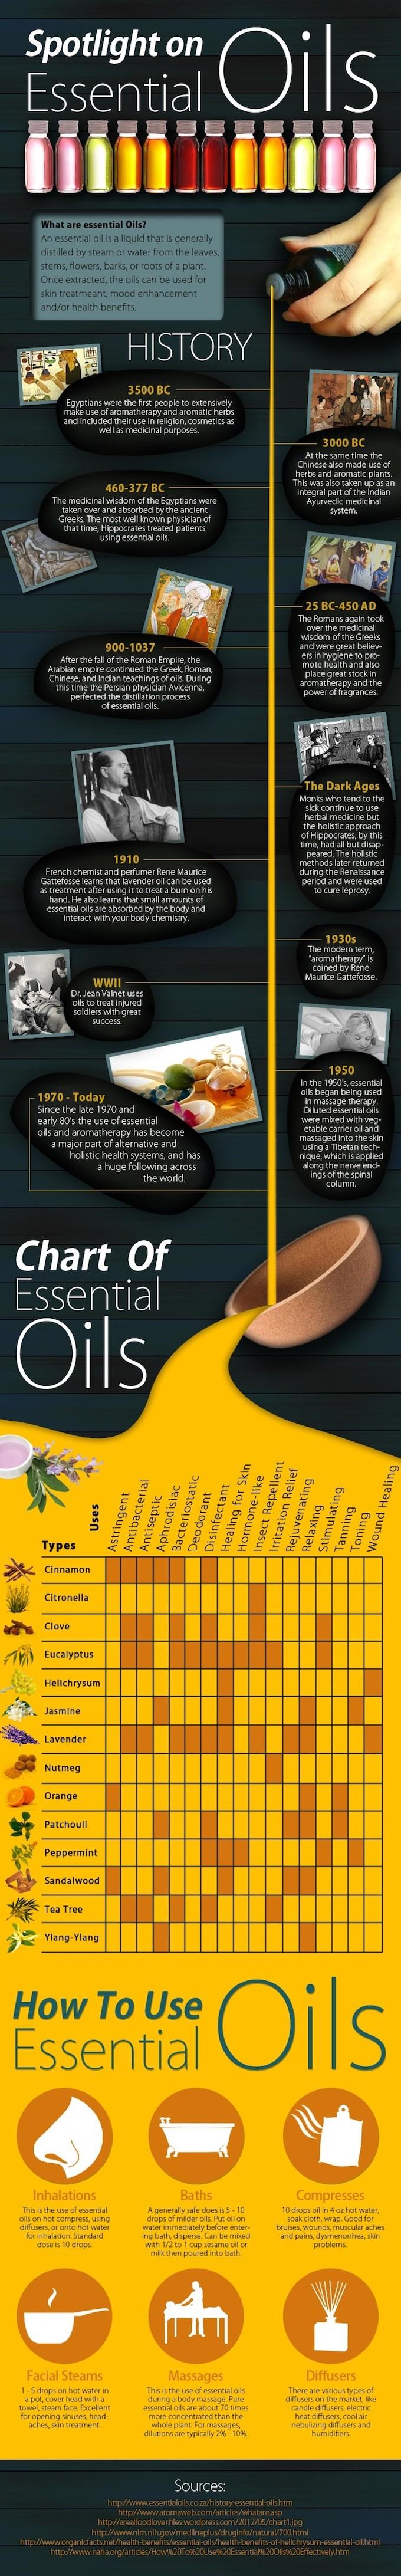 Essential_Oils_info-9-0